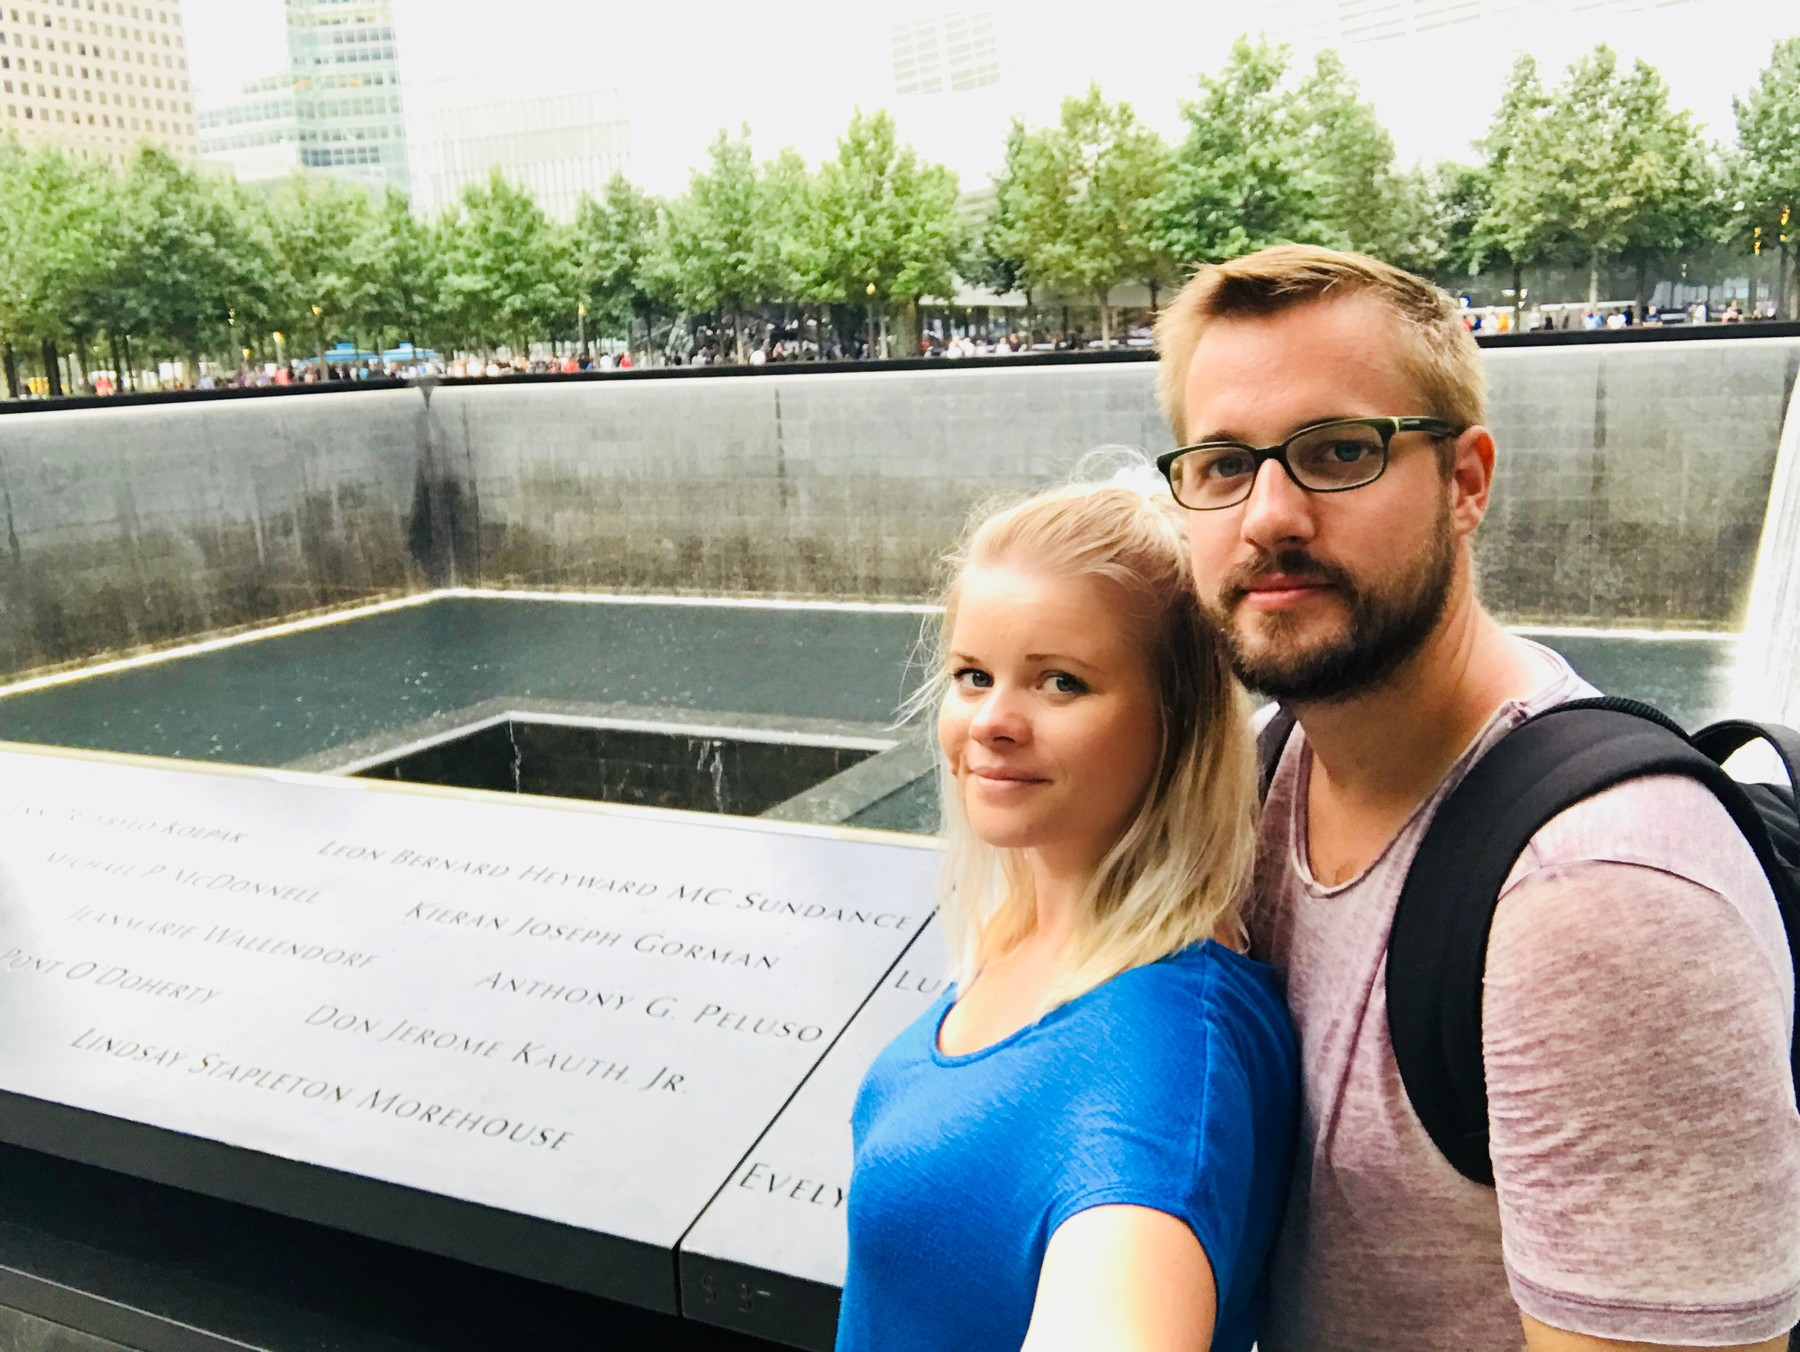 9/11 Memorial